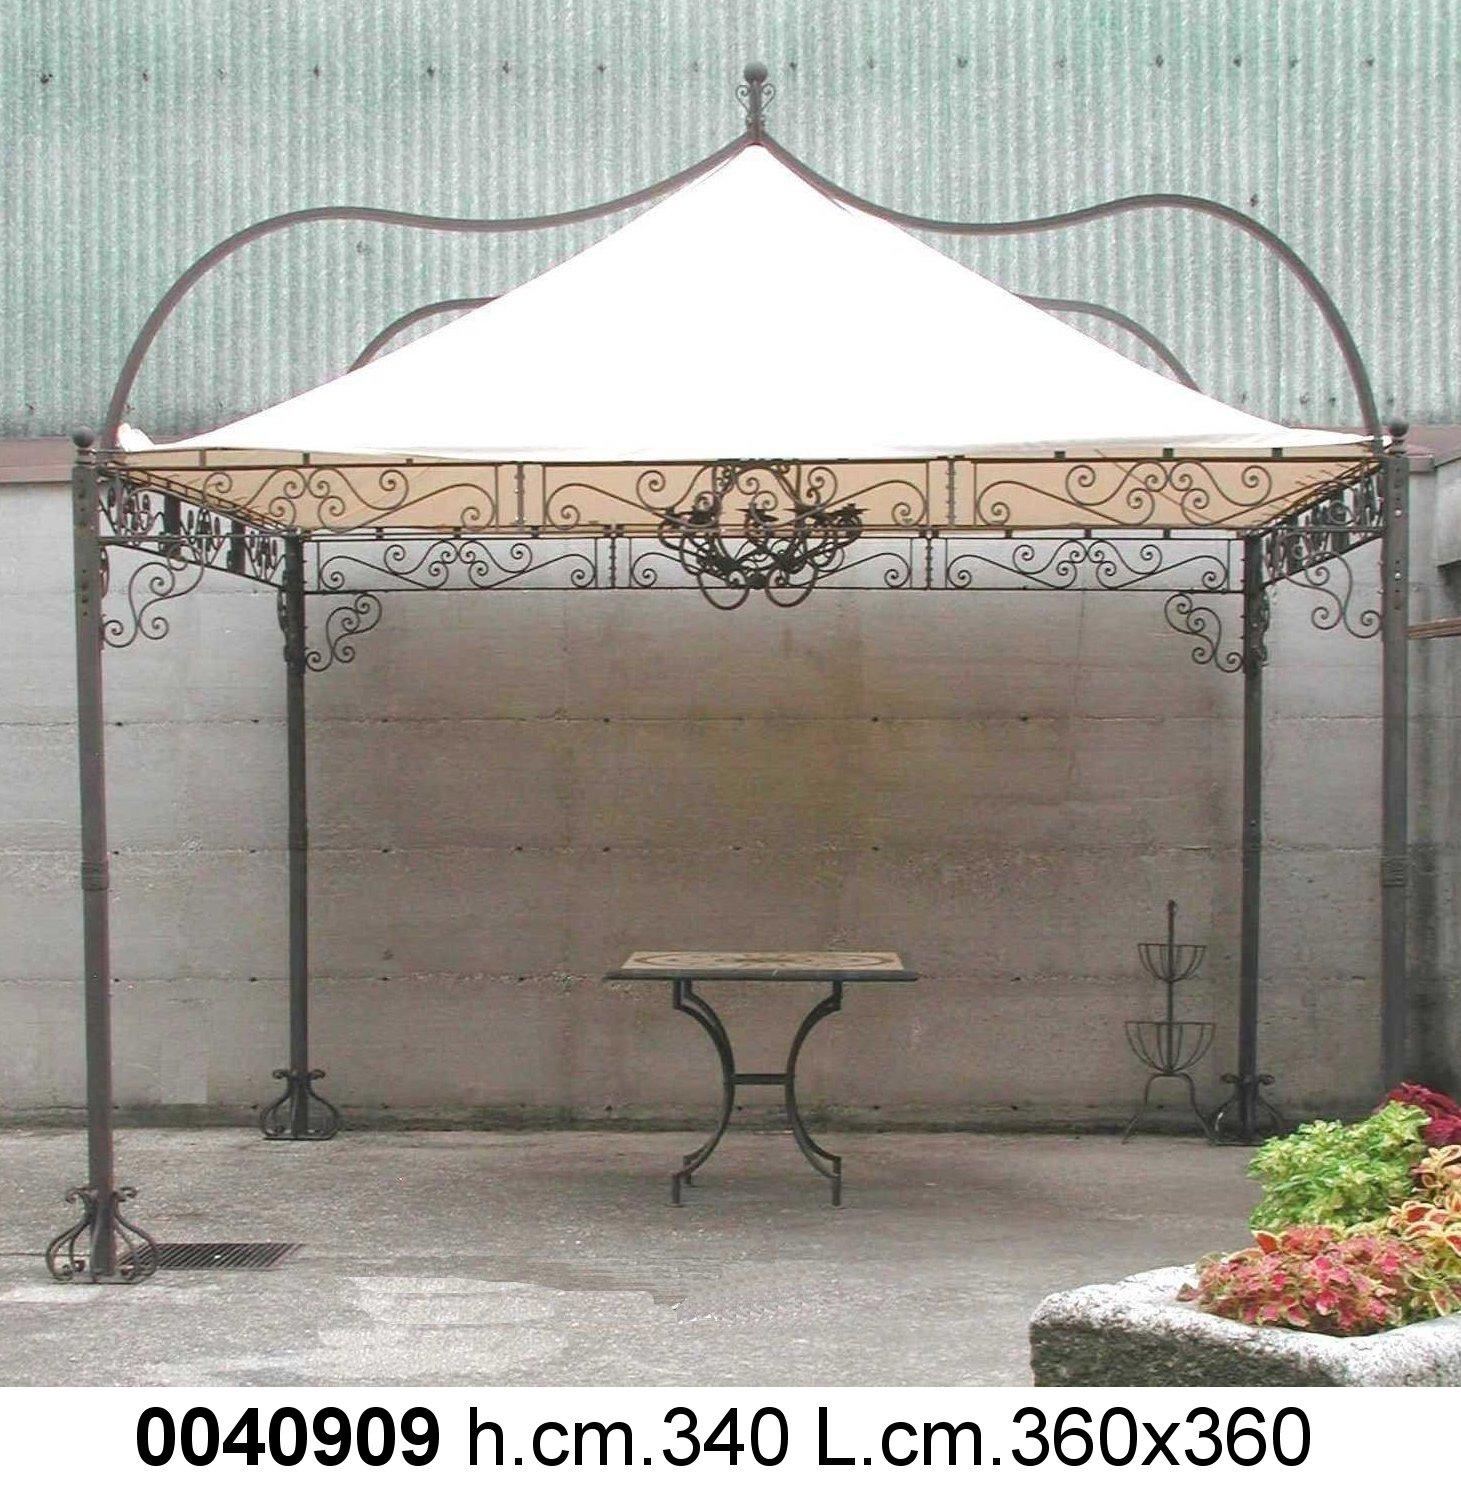 Art 0040909 articoli da giardino gabbie e cestini for Articoli da giardino